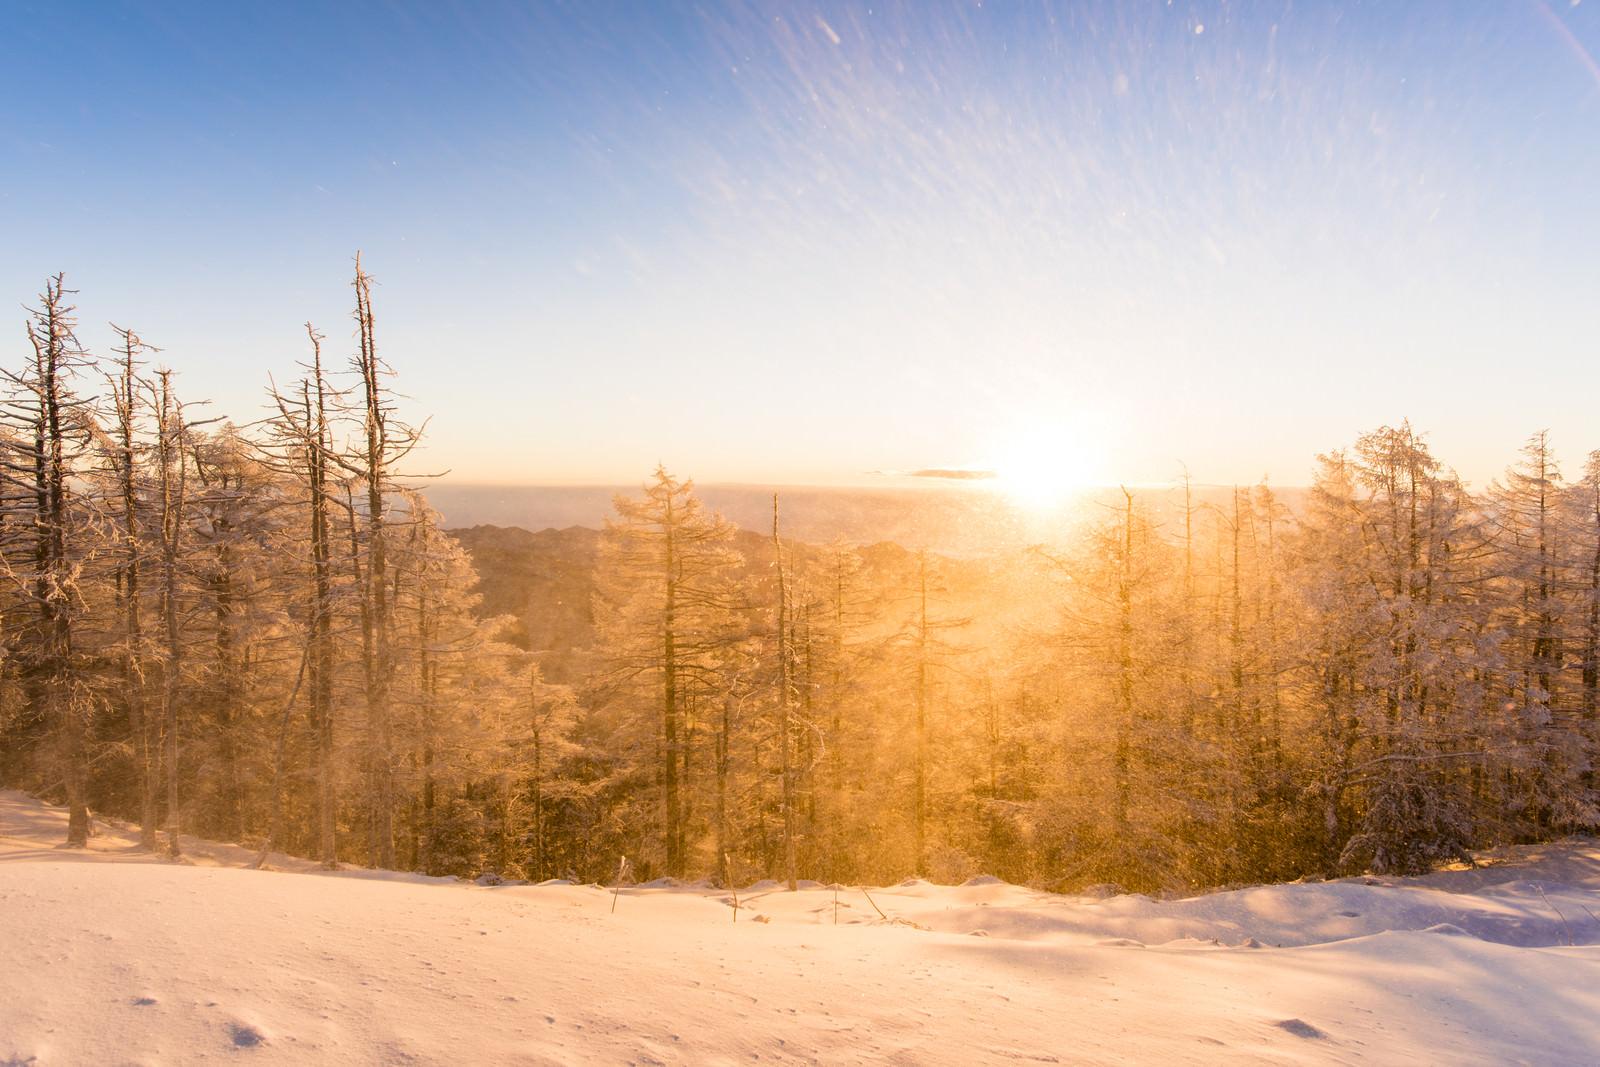 黄金色の朝日と雪景色(雲取山)のフリー素材